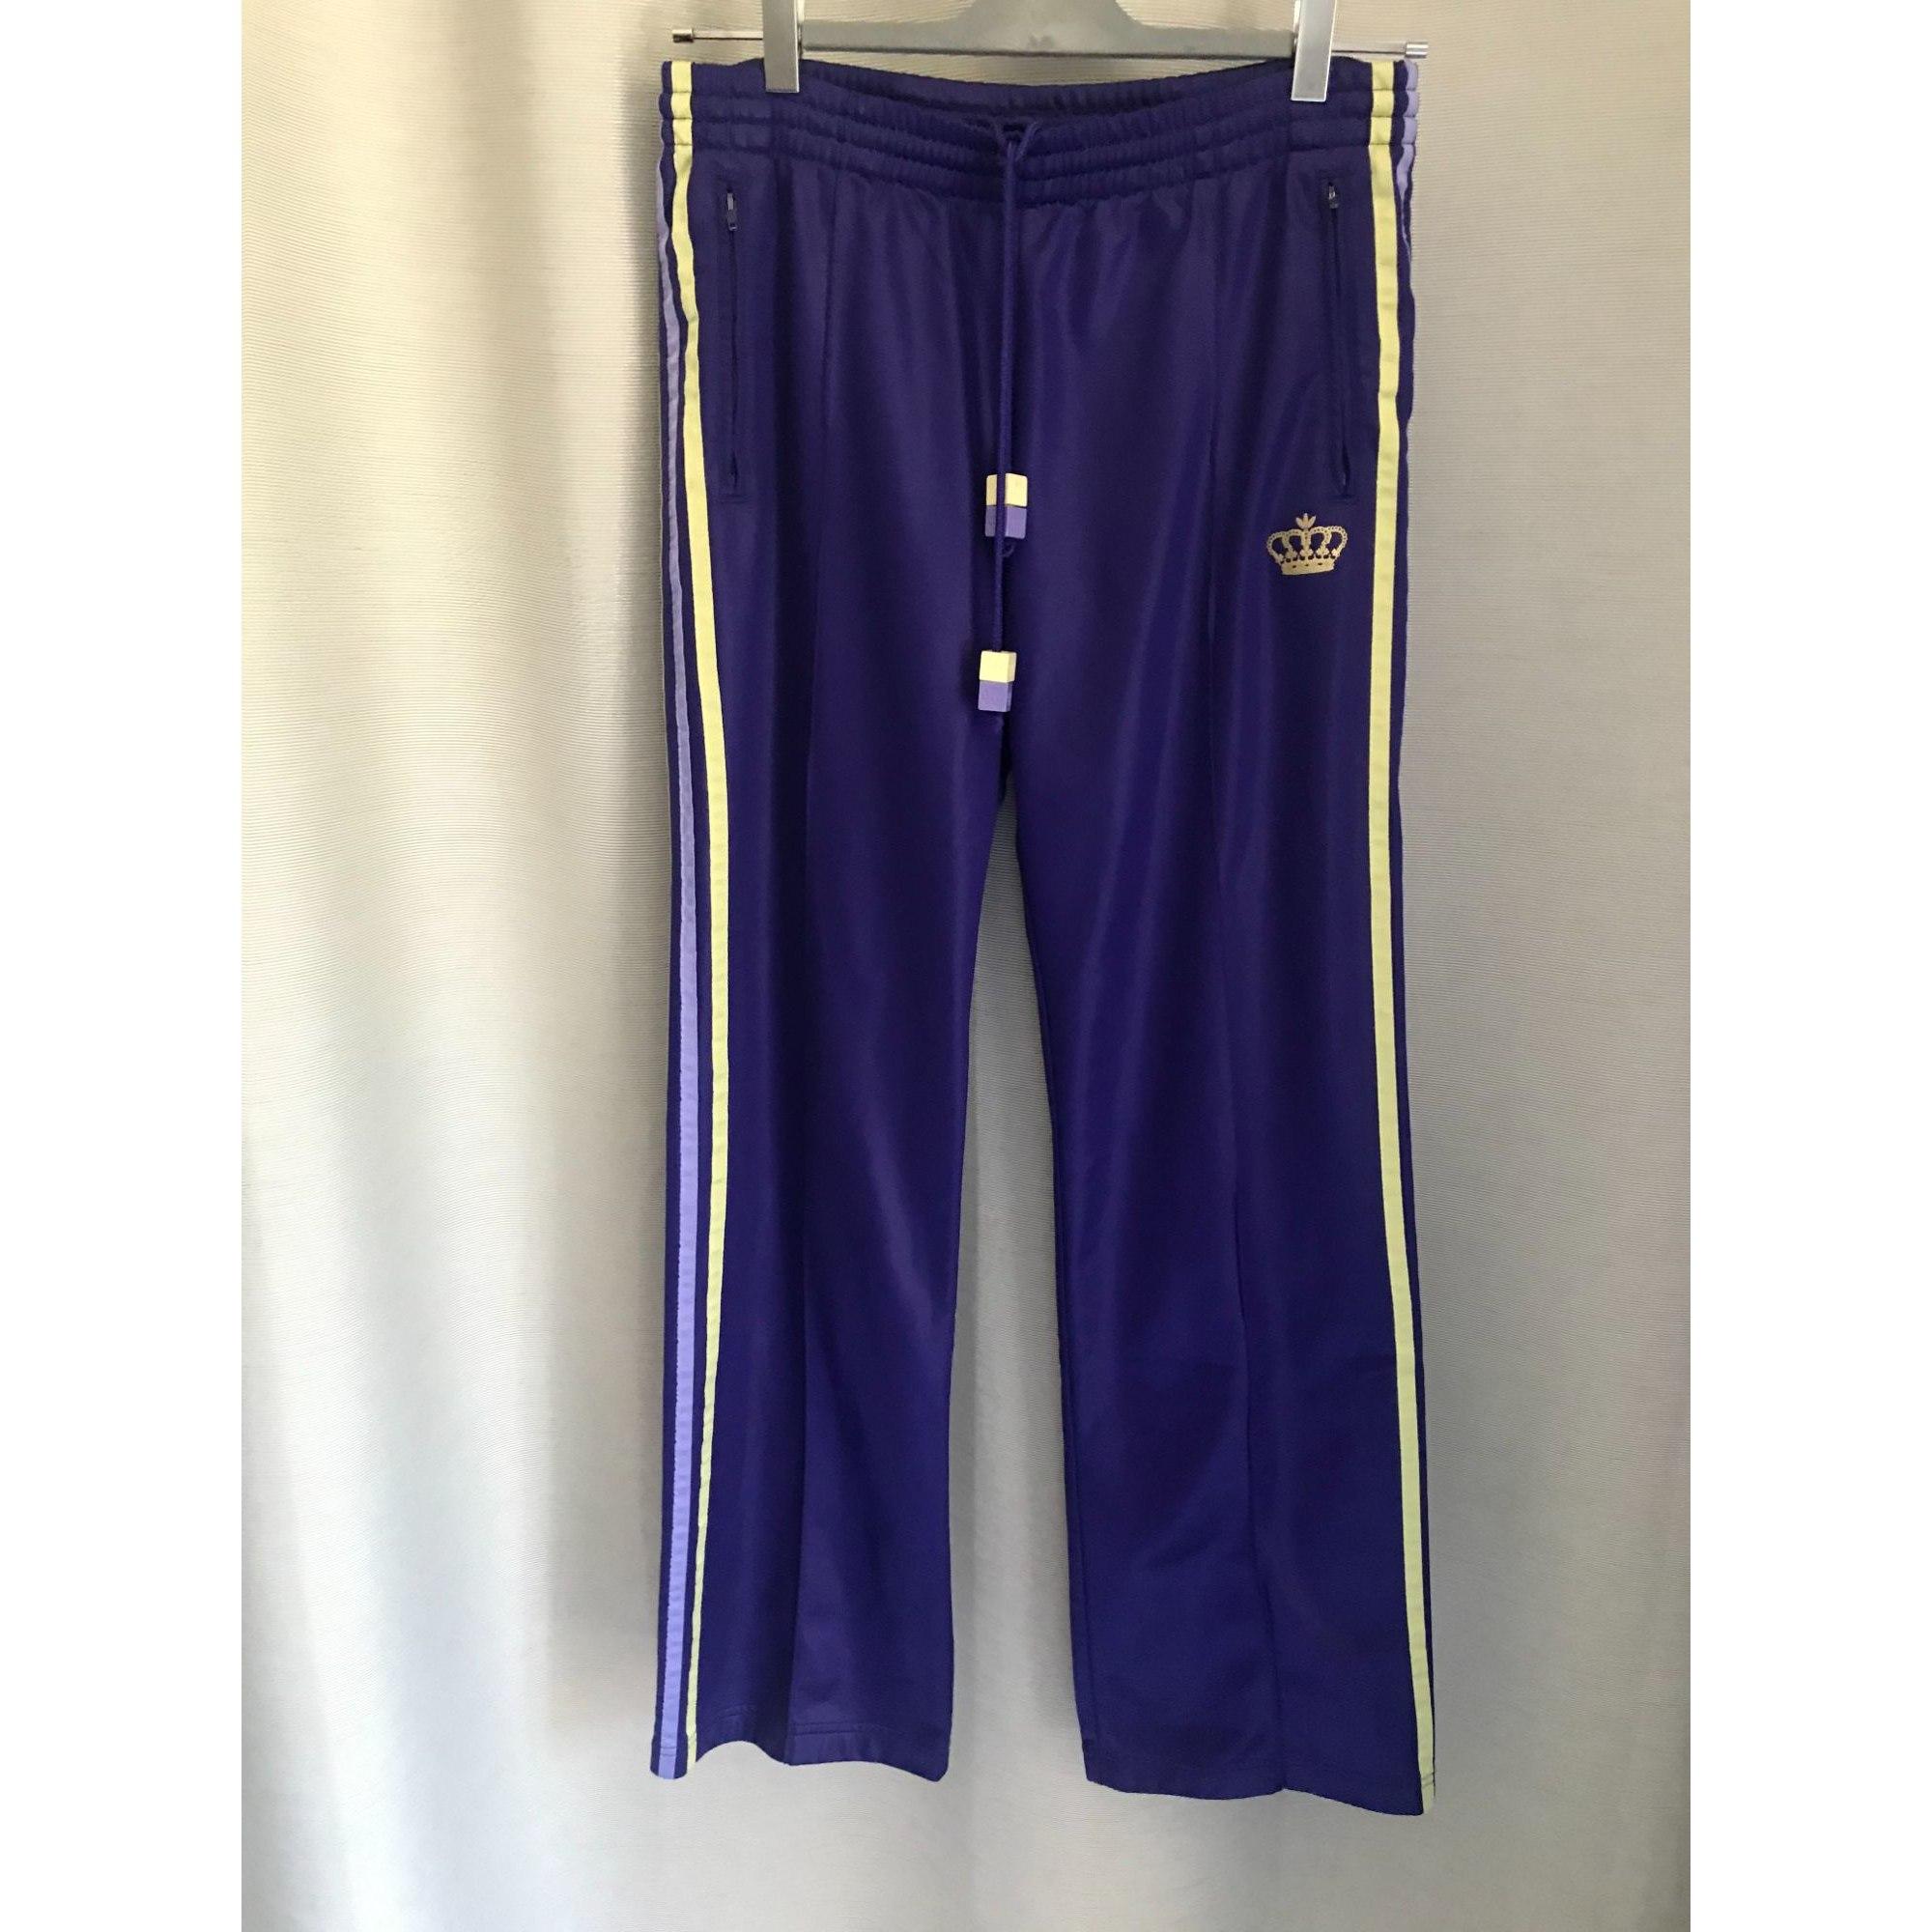 Pantalon de survêtement ADIDAS Violet, mauve, lavande